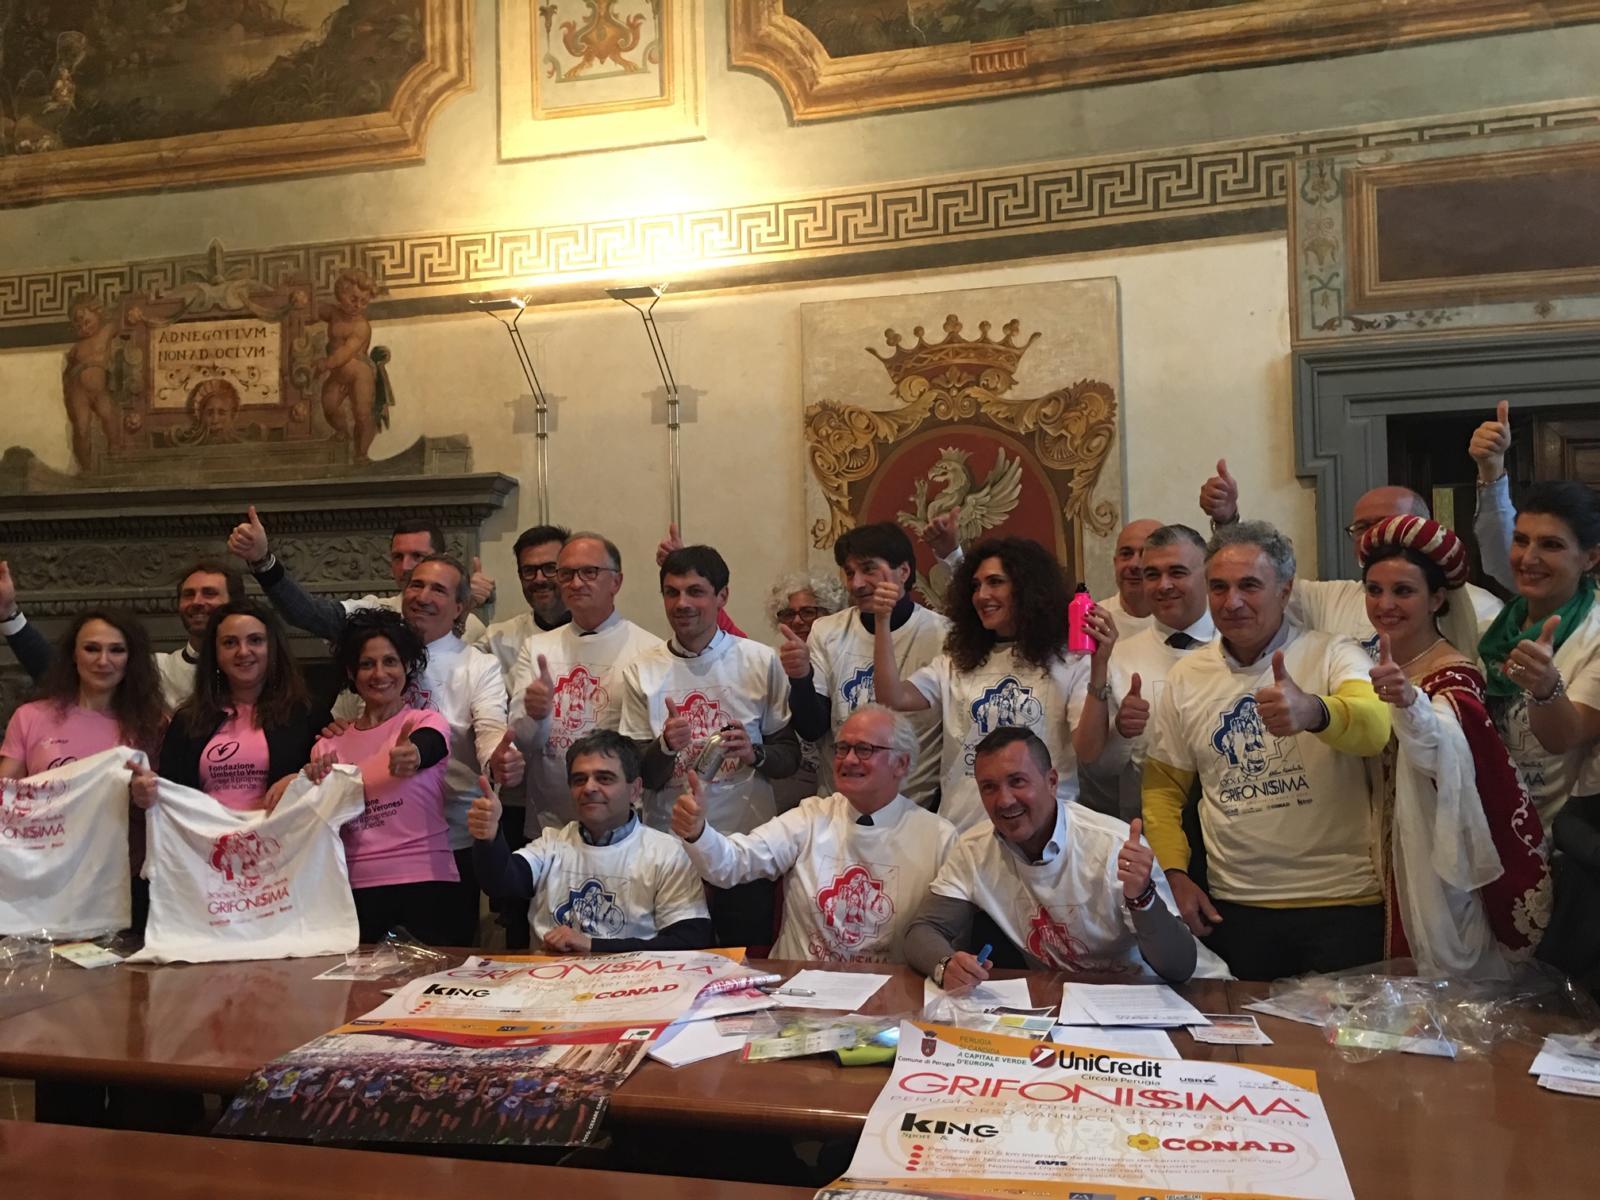 La fondazione CariPeugia Arte e Grifonissima insieme per l'iniziativa Corri la Grifonissima ed entra al museo a prezzi ridotti